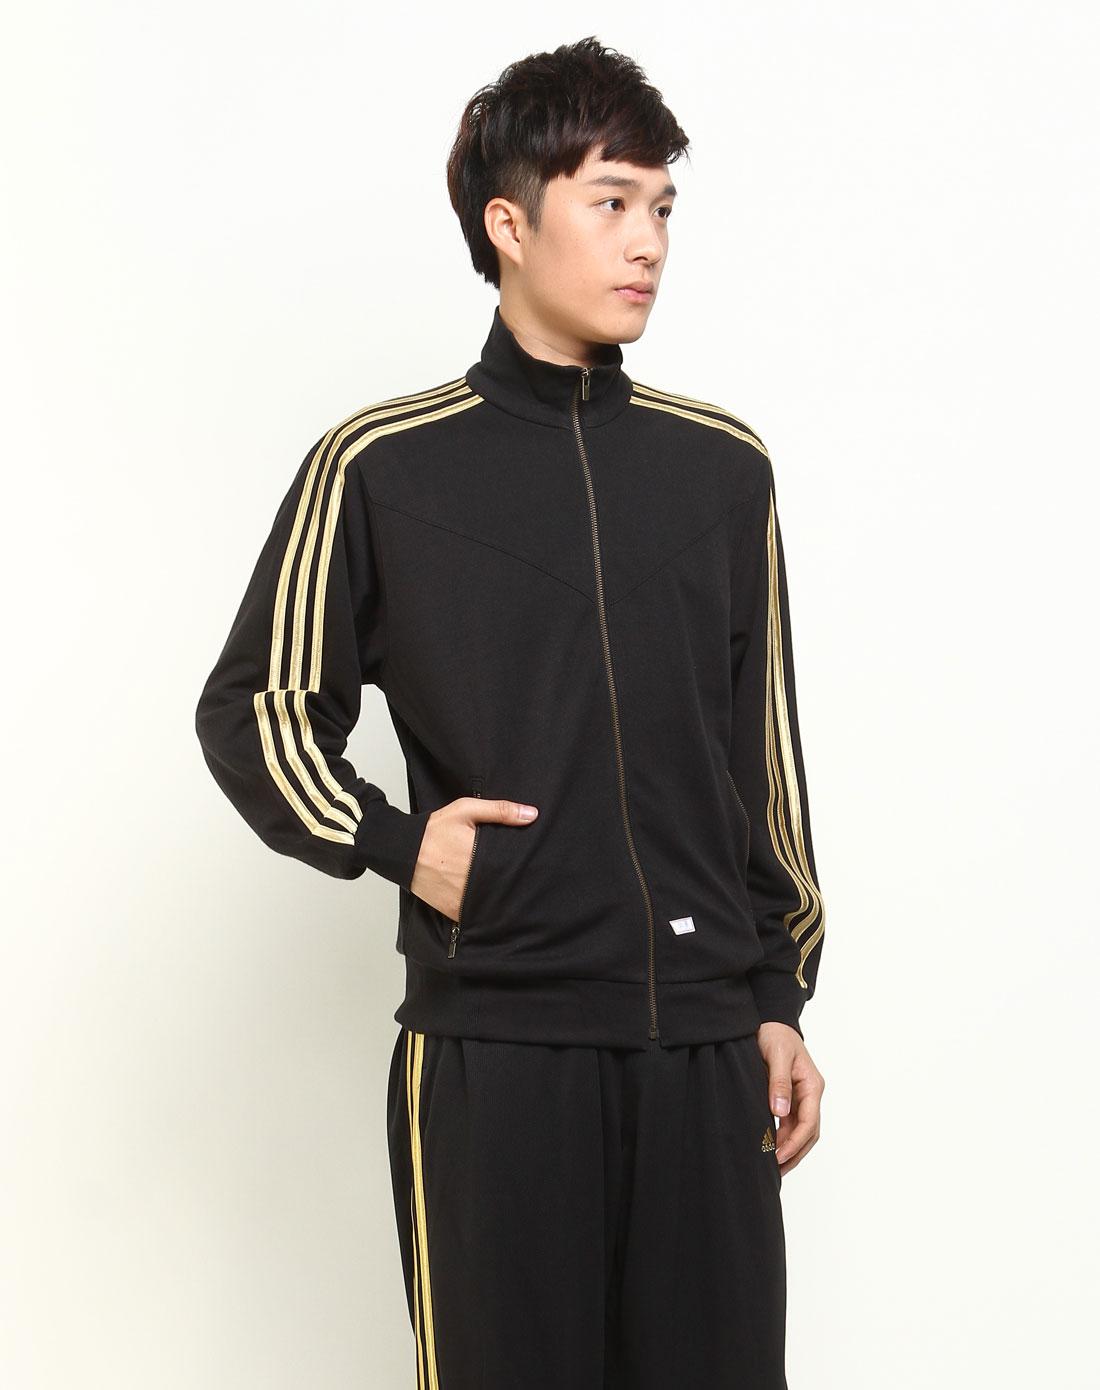 黑金色长袖外套031753